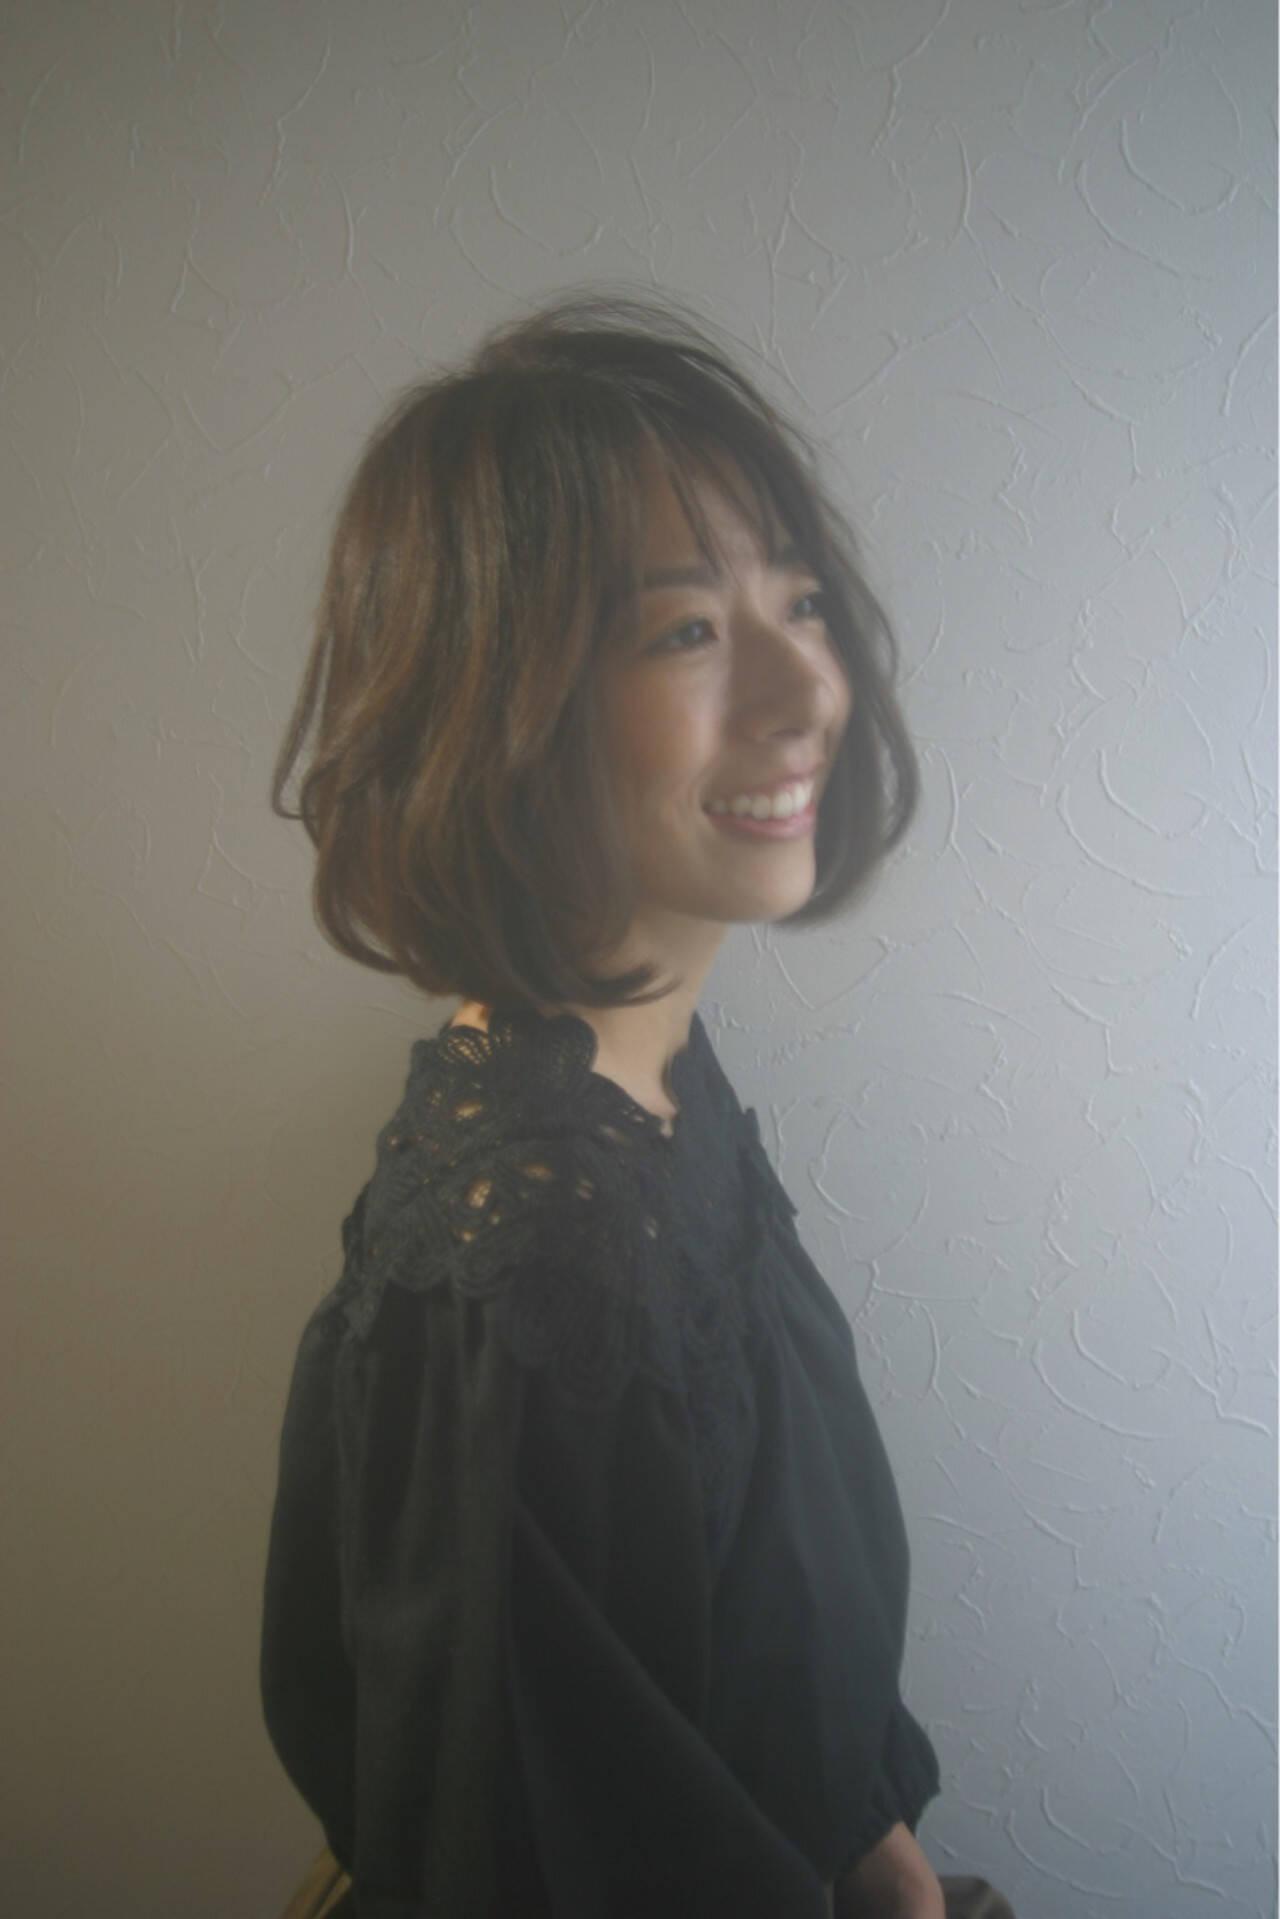 レイヤーカット ショートボブ ナチュラル ハイライトヘアスタイルや髪型の写真・画像